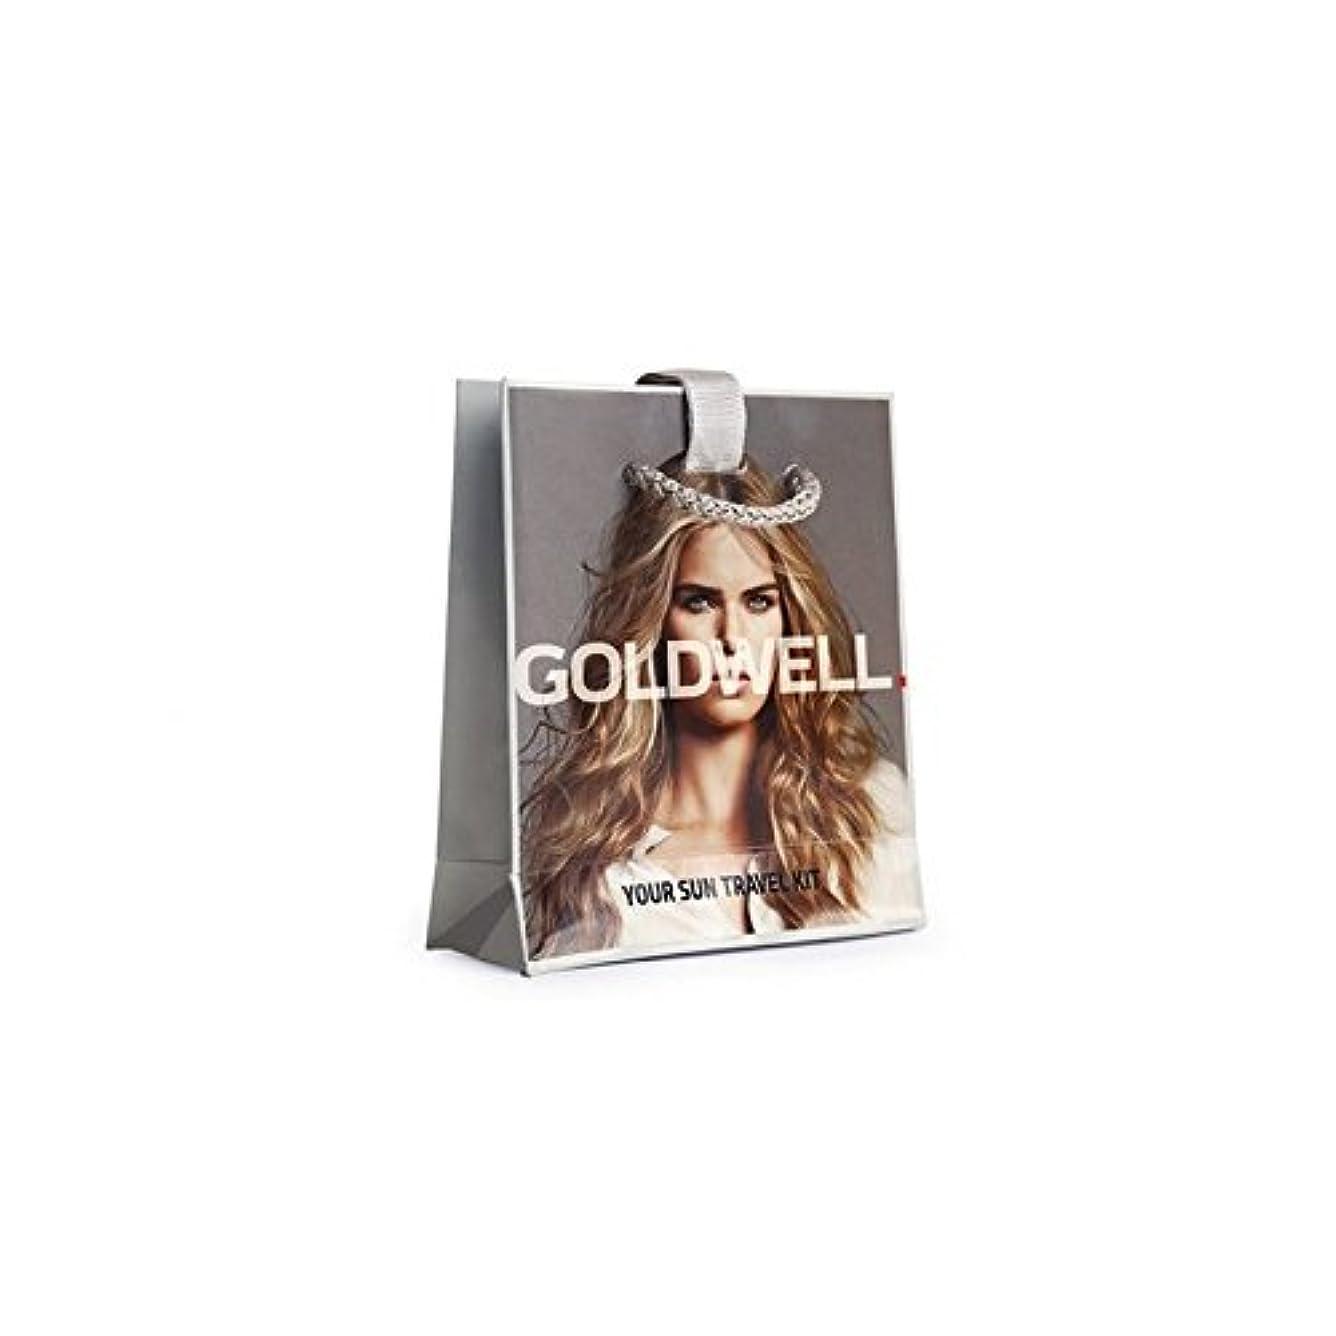 引退した付属品移民Goldwell Dualsenses Sun Haircare Travel Bag - 日ヘアケアトラベルバッグ [並行輸入品]